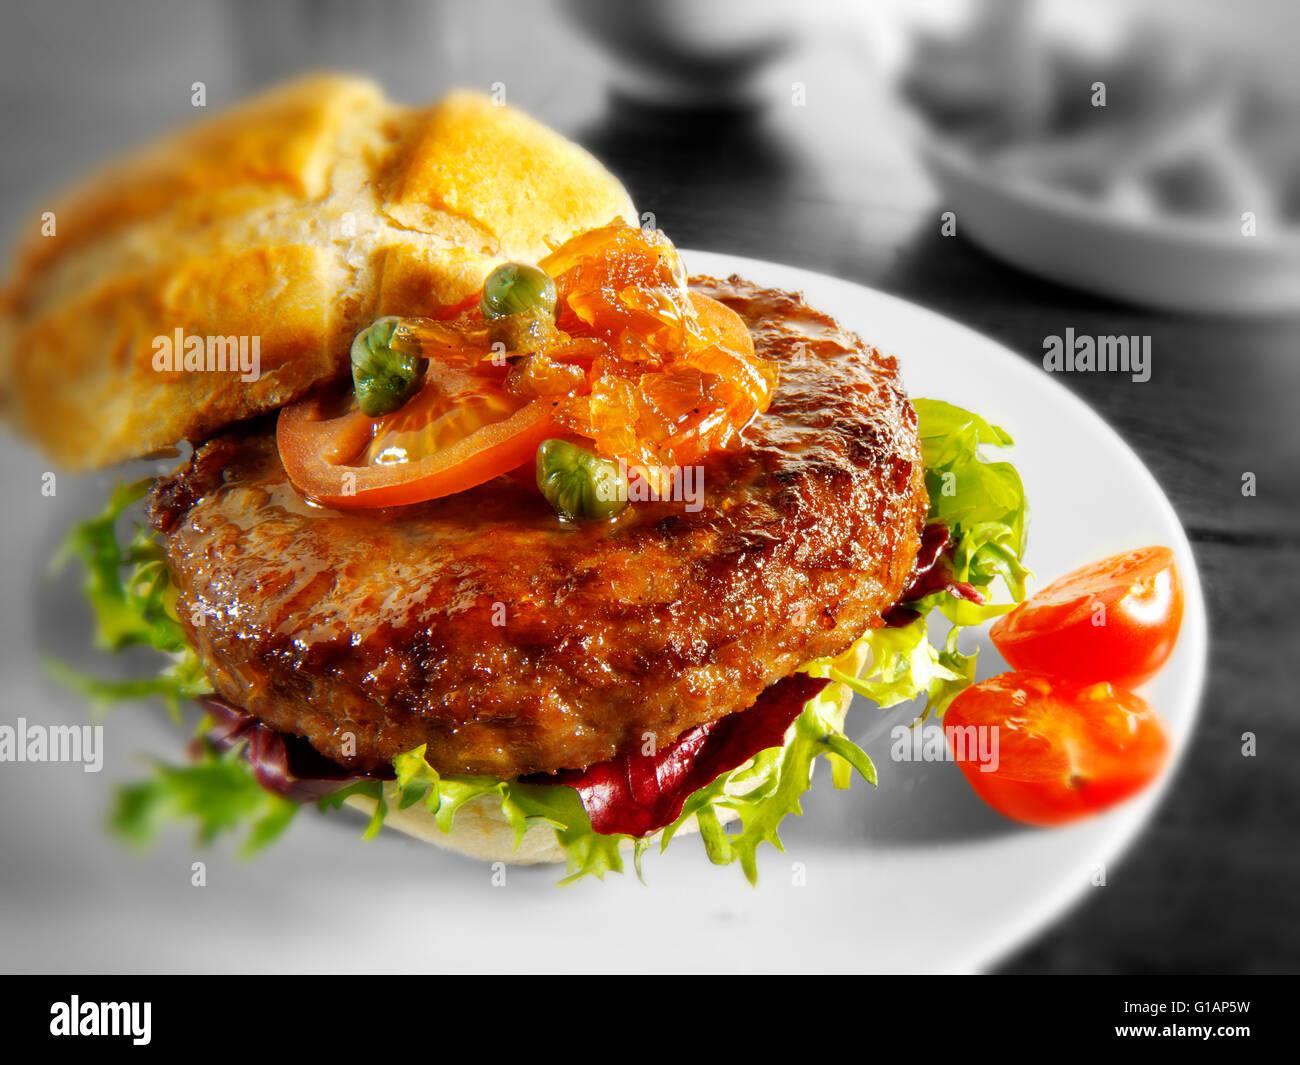 Hamburger o hamburger di manzo in un panino con sapore ed insalata Immagini Stock